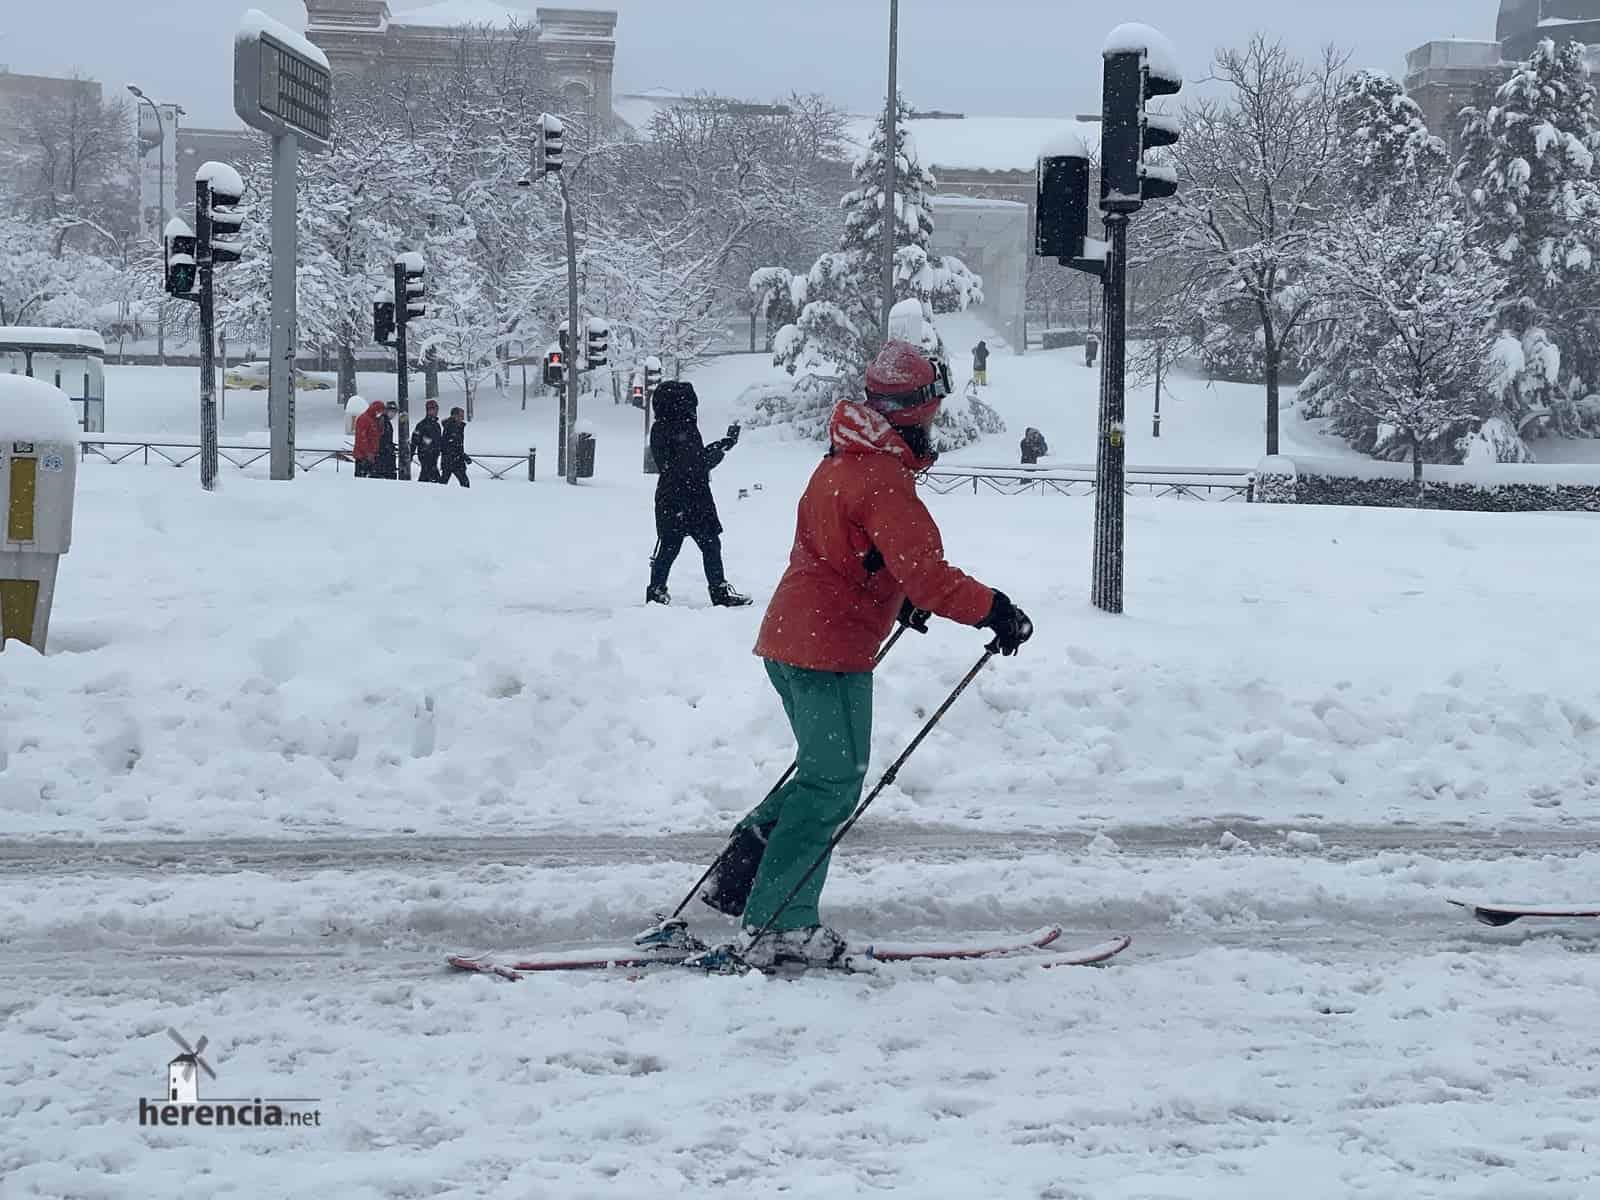 Fotografías de la nevada de enero en Madrid (España) 226